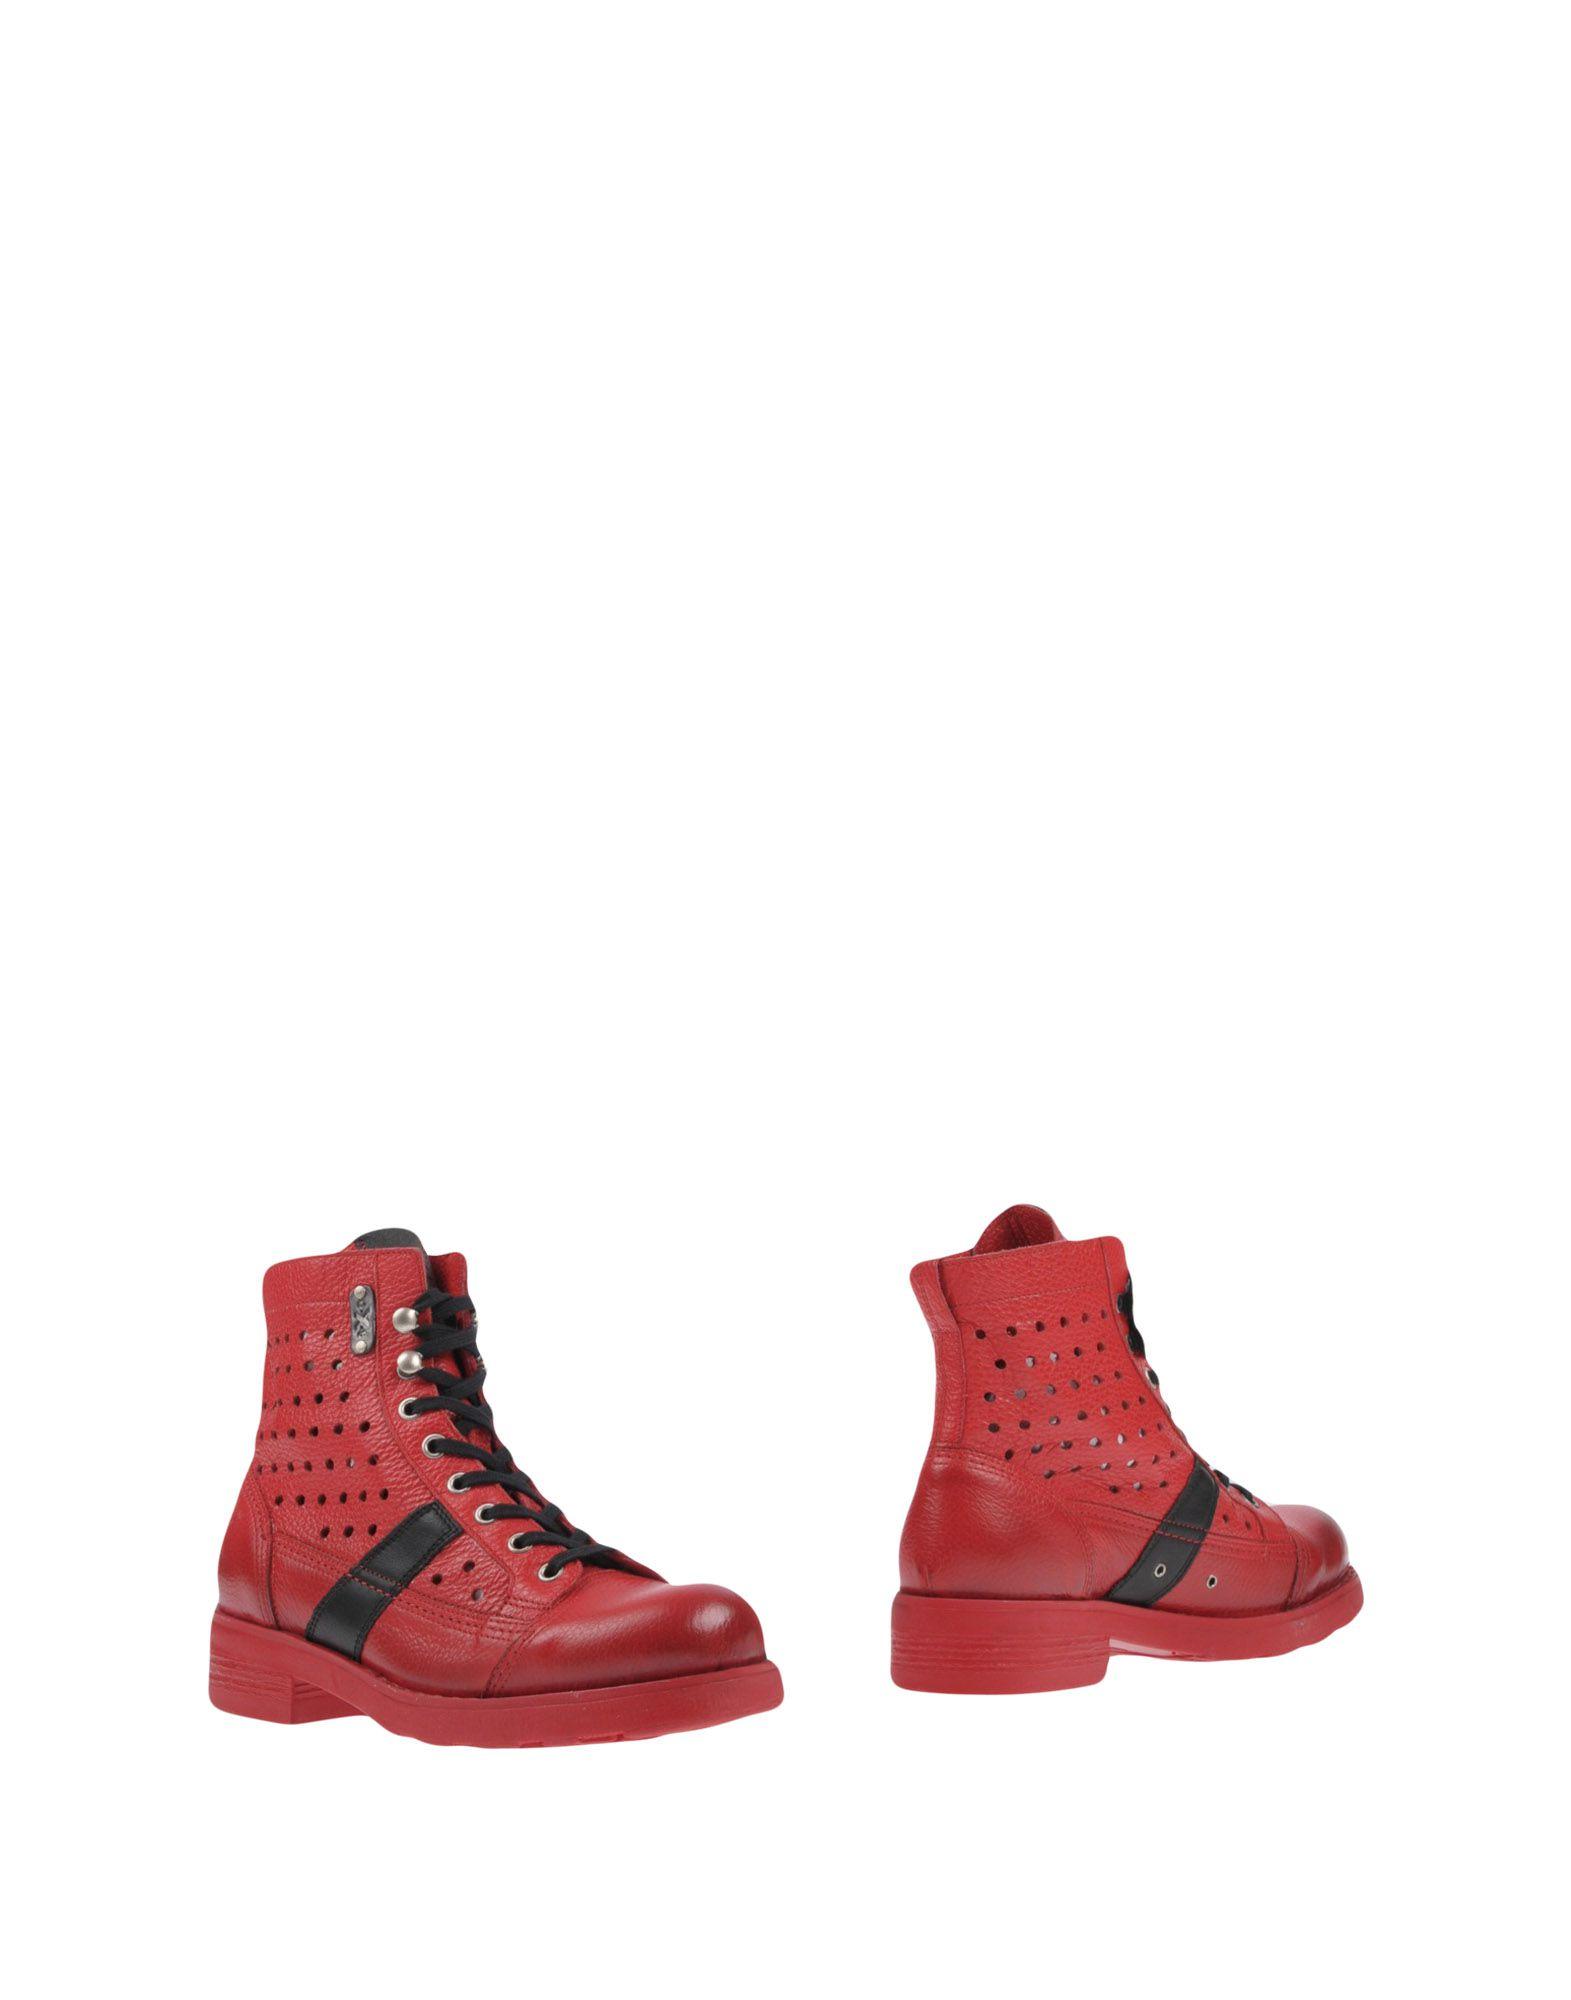 O.X.S. Stiefelette Damen aussehende  11454758OWGut aussehende Damen strapazierfähige Schuhe 9b3b4f